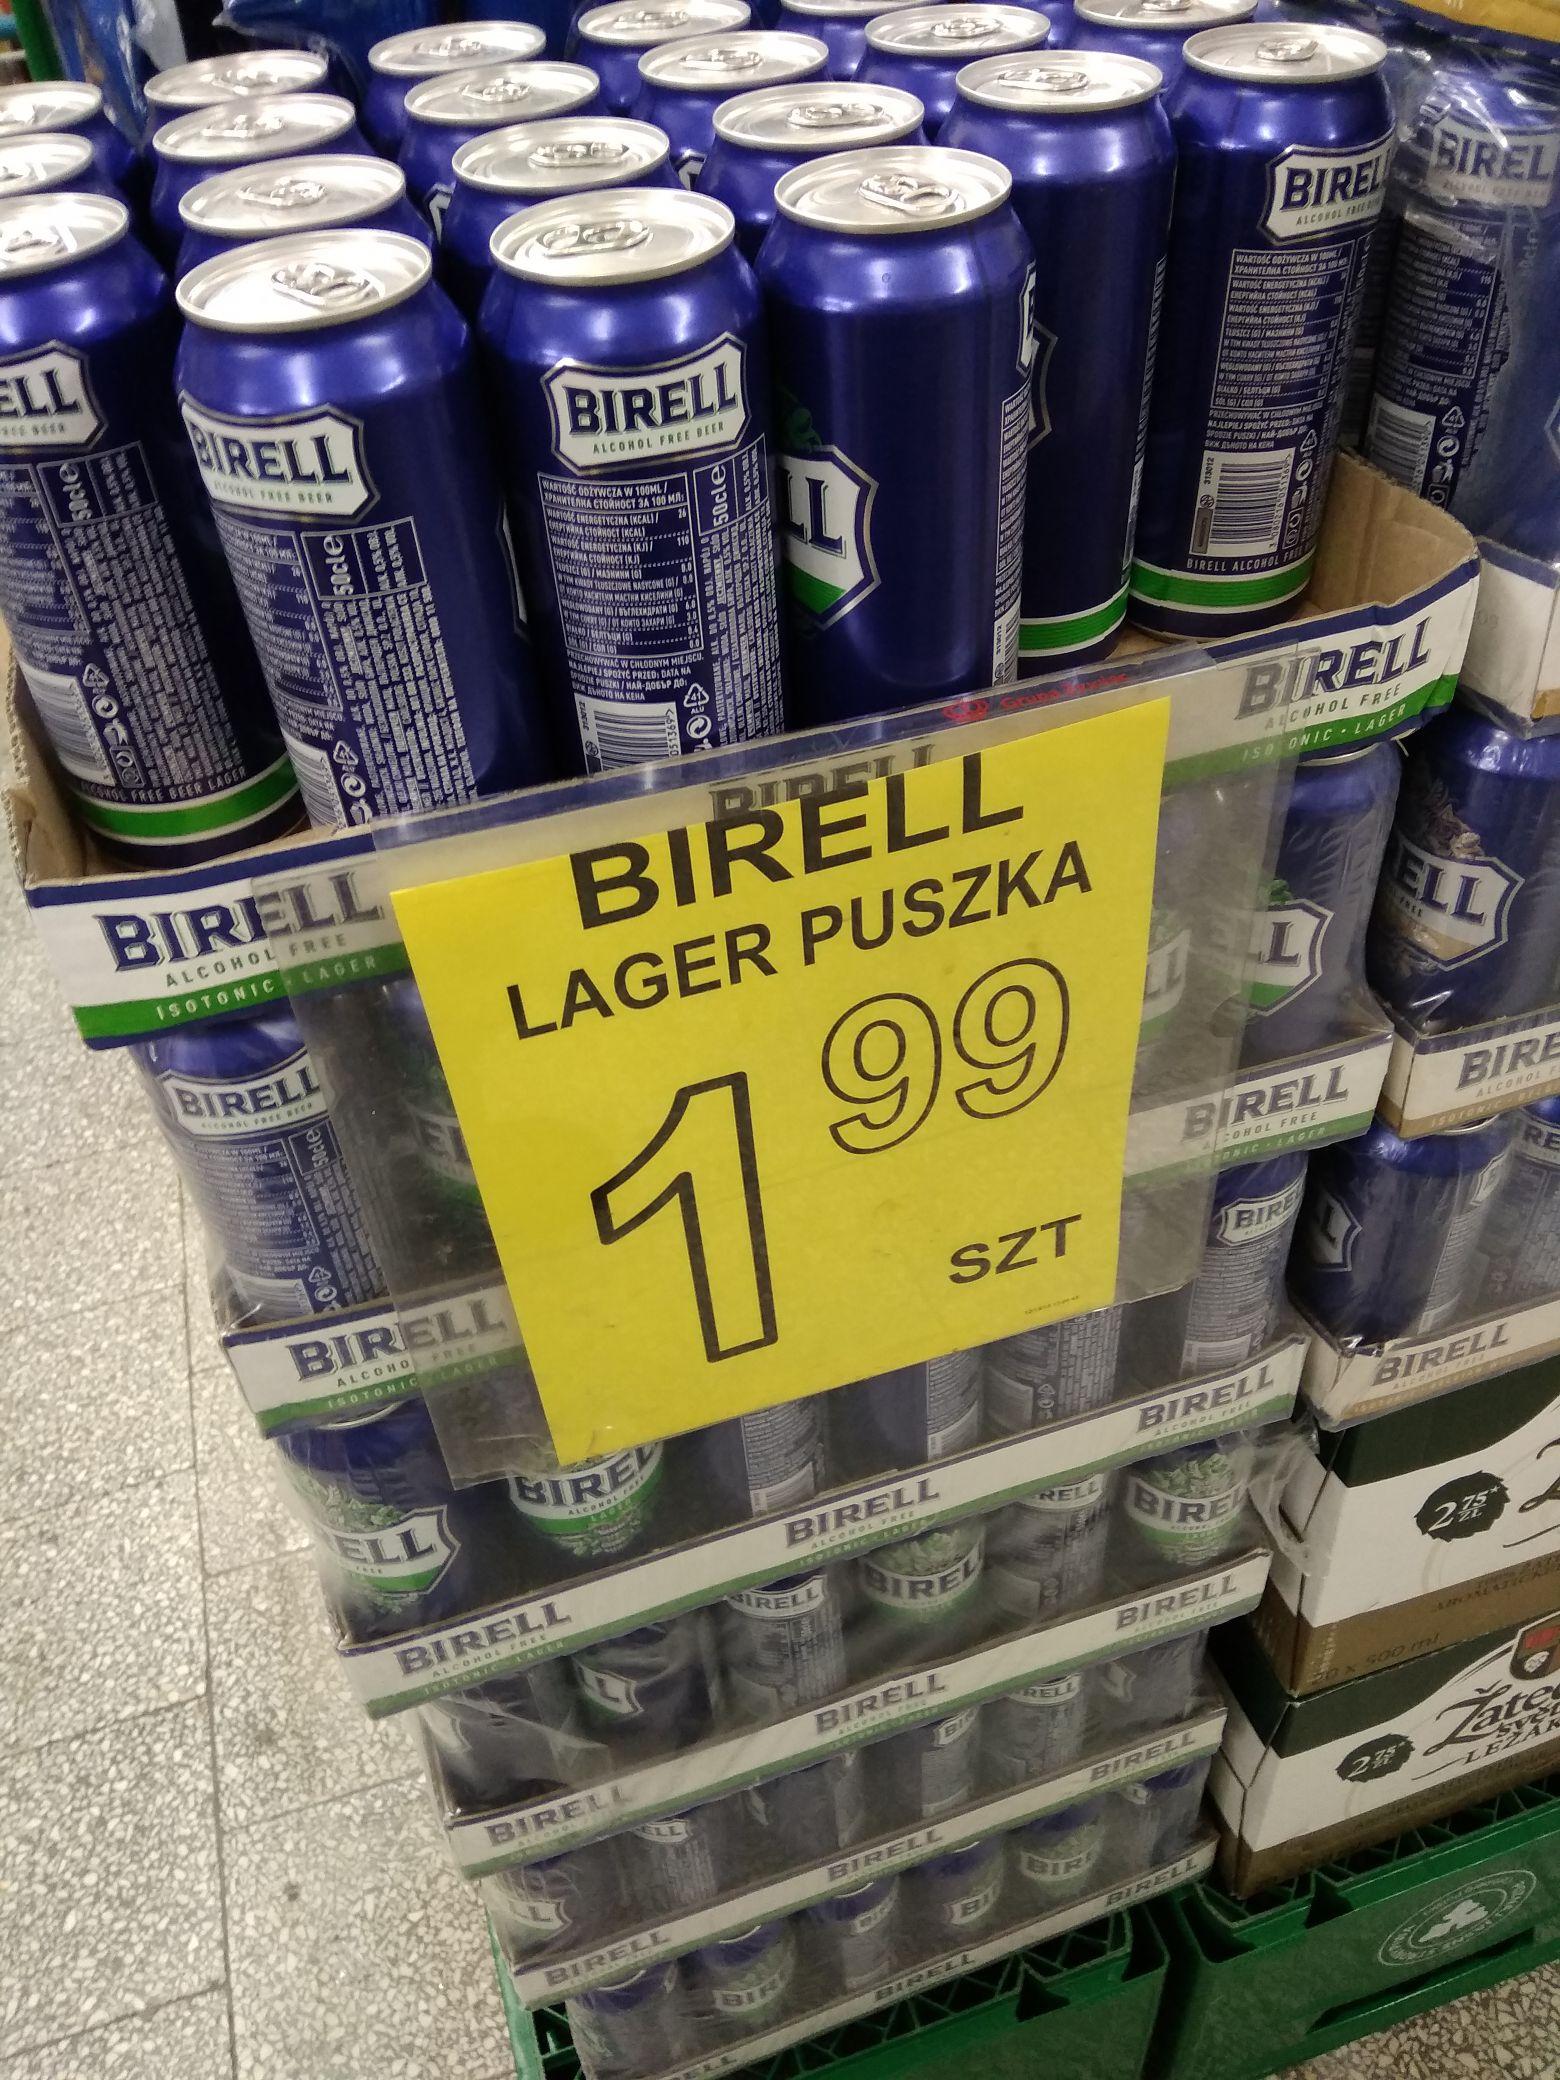 Birell napój piwny bezalkoholowy Warszawa Top Market lokalnie